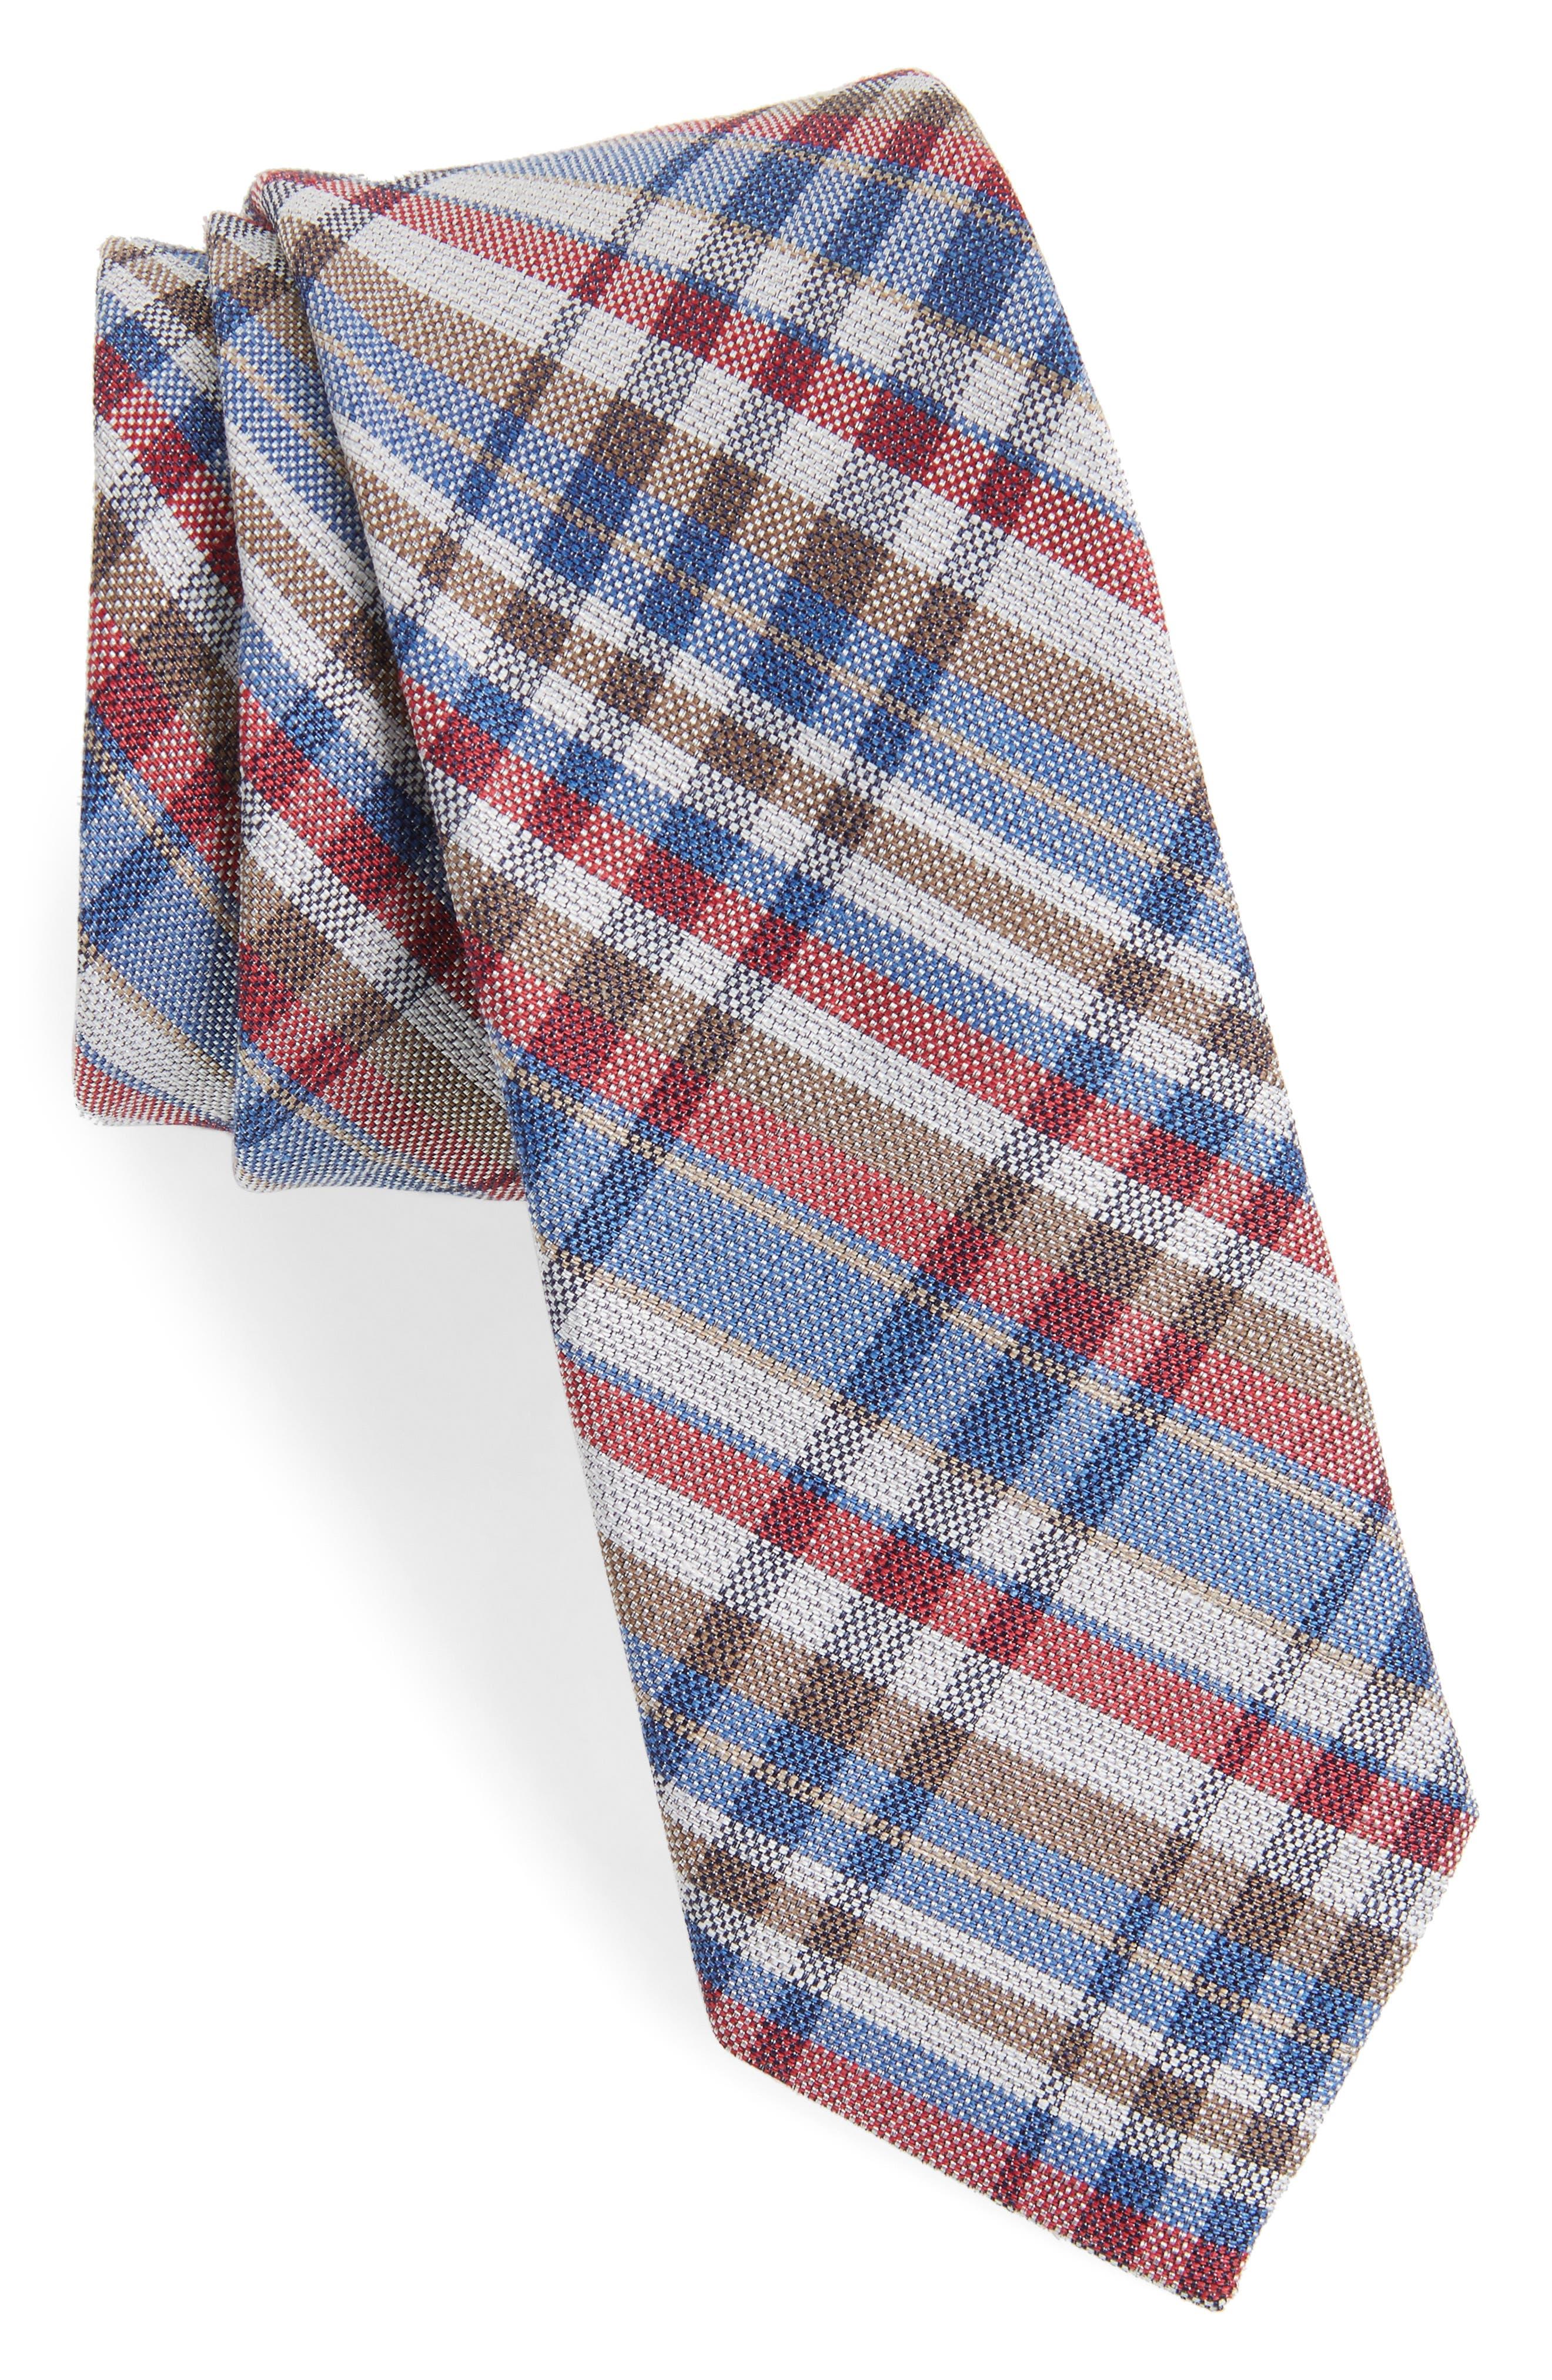 Donelly Plaid Linen & Silk Tie,                             Main thumbnail 1, color,                             BLUE